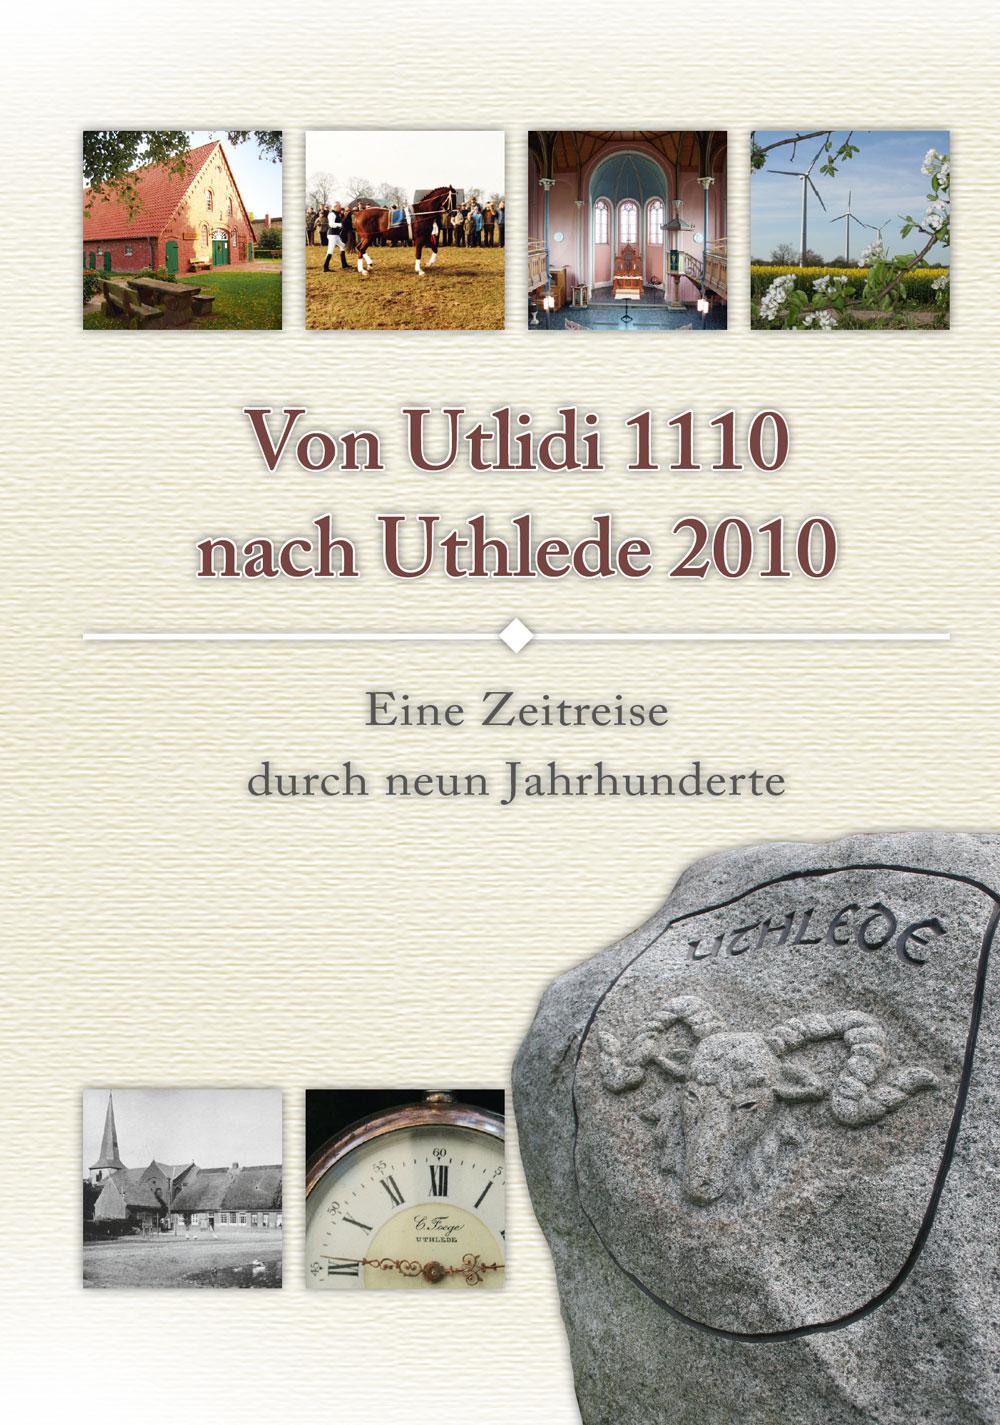 Von Utlidi 1110 nach Uthlede 2010 – Eine Zeitreise durch neun Jahrhunderte